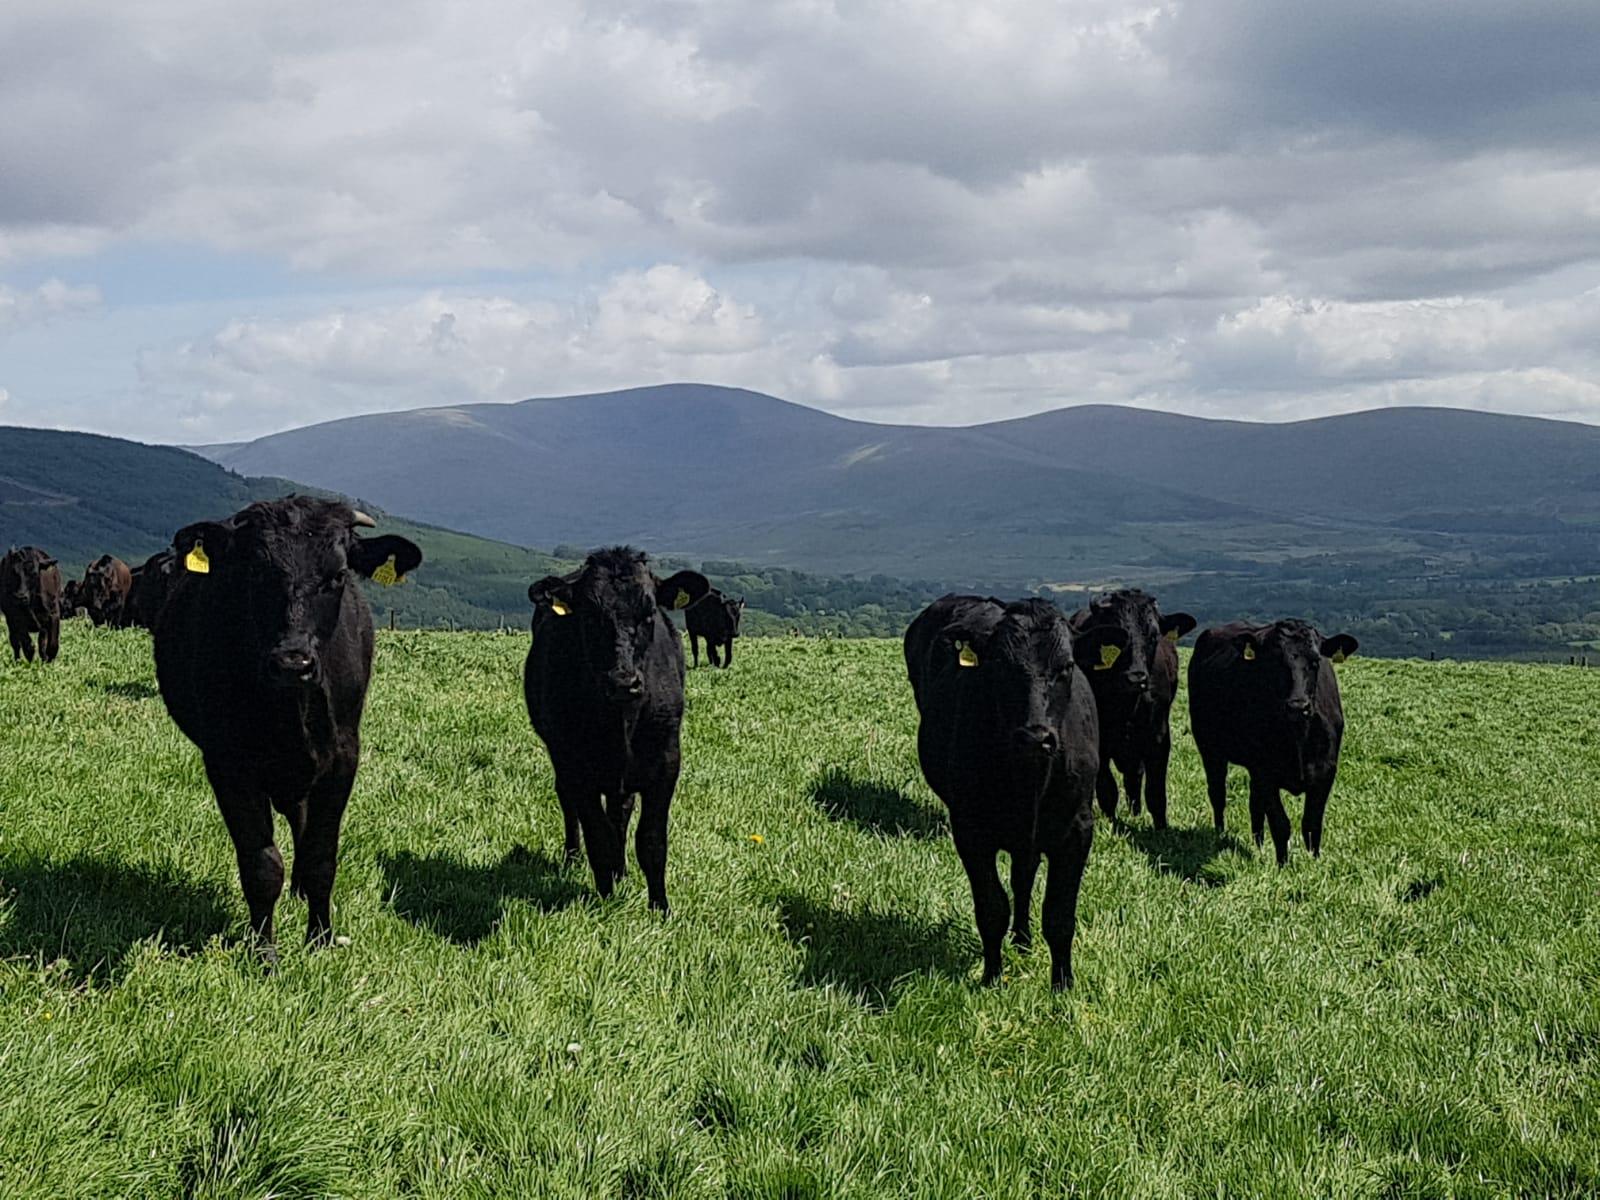 Wagyu cattle on Ridgeway farm.